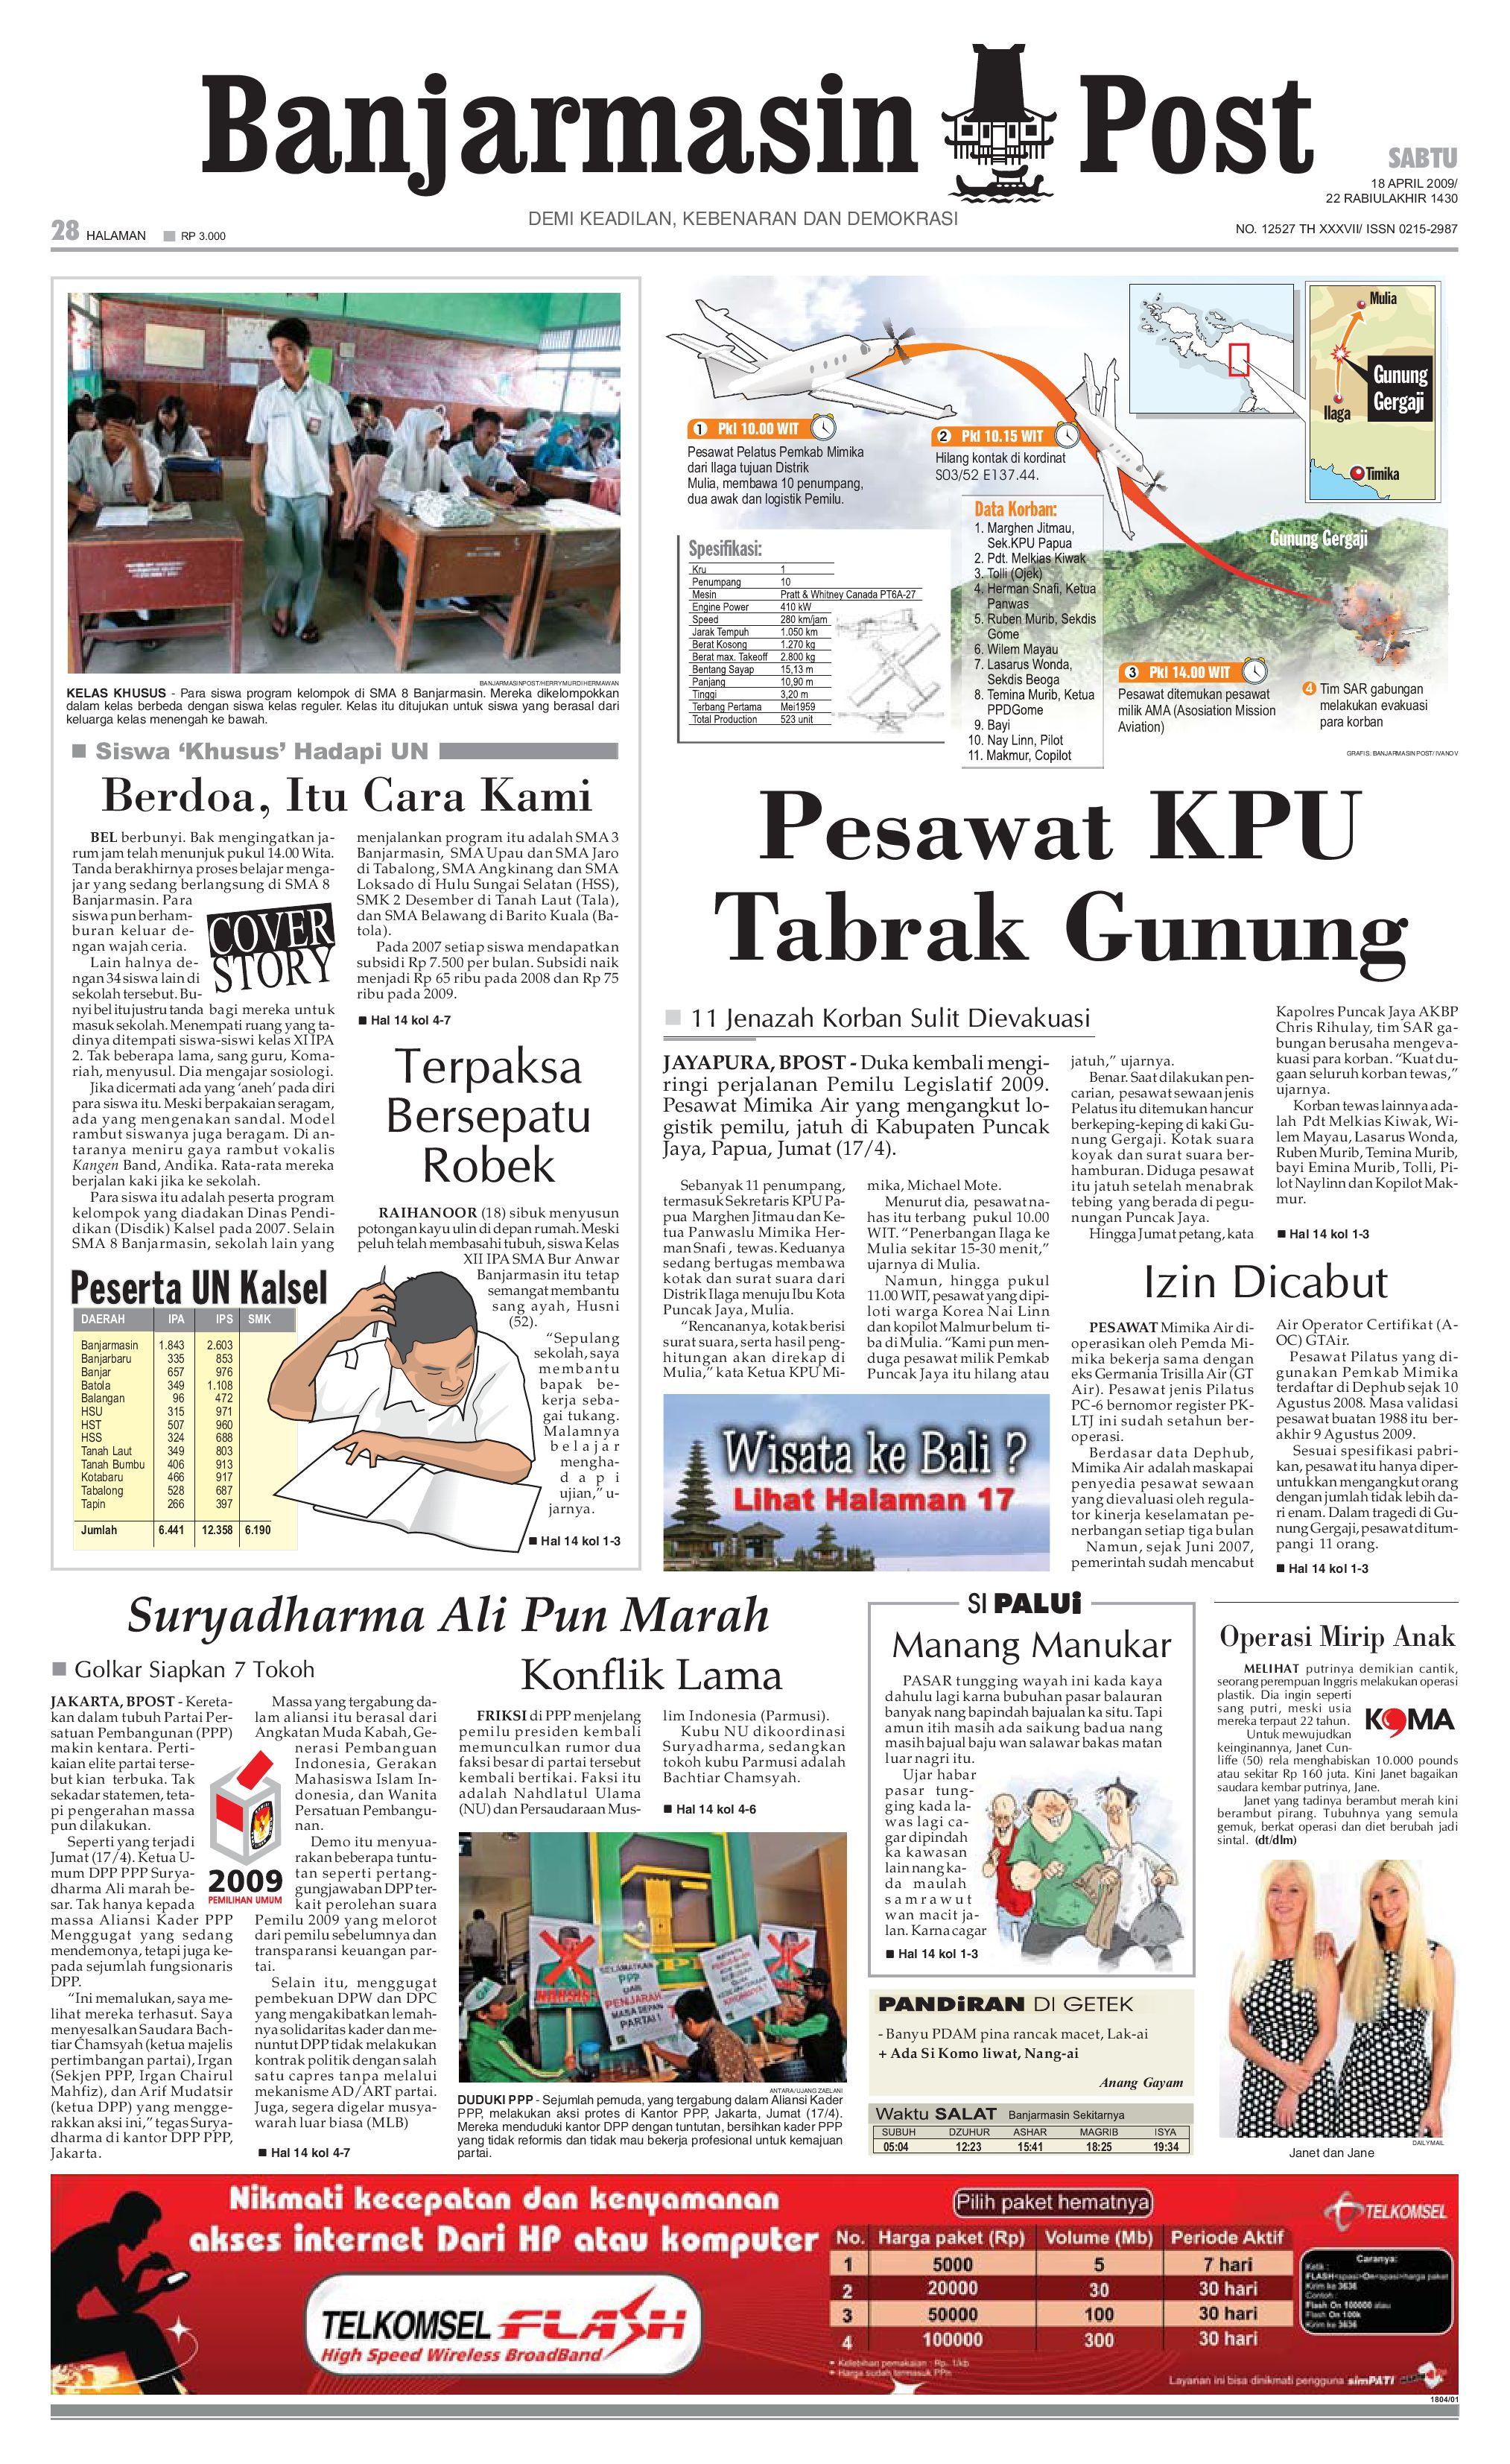 Banjarmasin Post 24 Februari 2009 By Issuu Tcash Vaganza 17 Samsung Adaptor Fast Charging Kualitas Original Putih 18 April